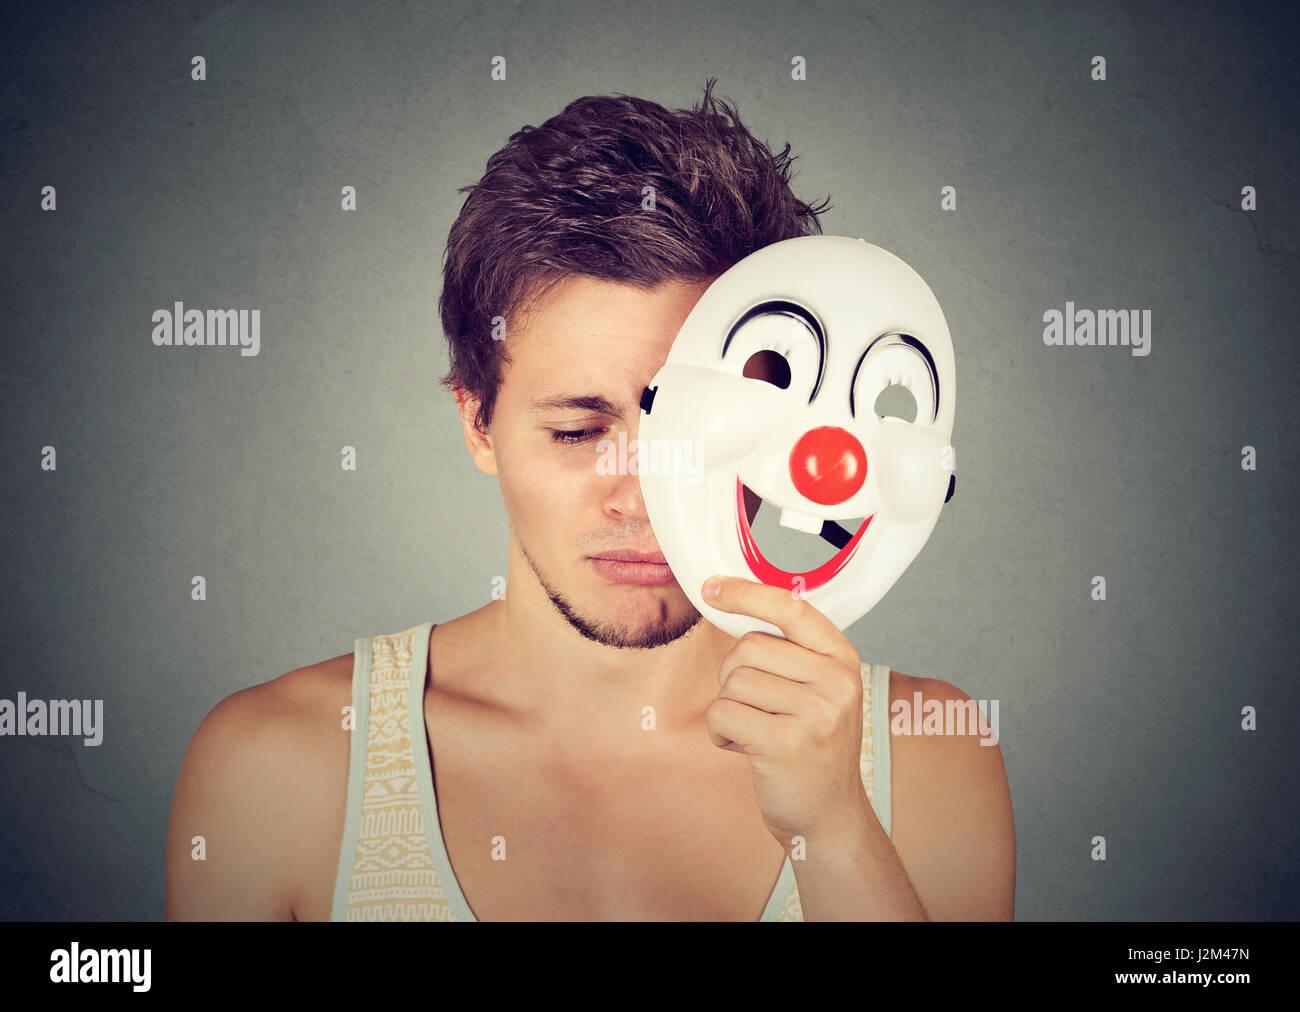 Trauriger Jüngling Clownsmaske isoliert auf graue Wand Hintergrund abheben. Menschliche Gefühle Stockbild